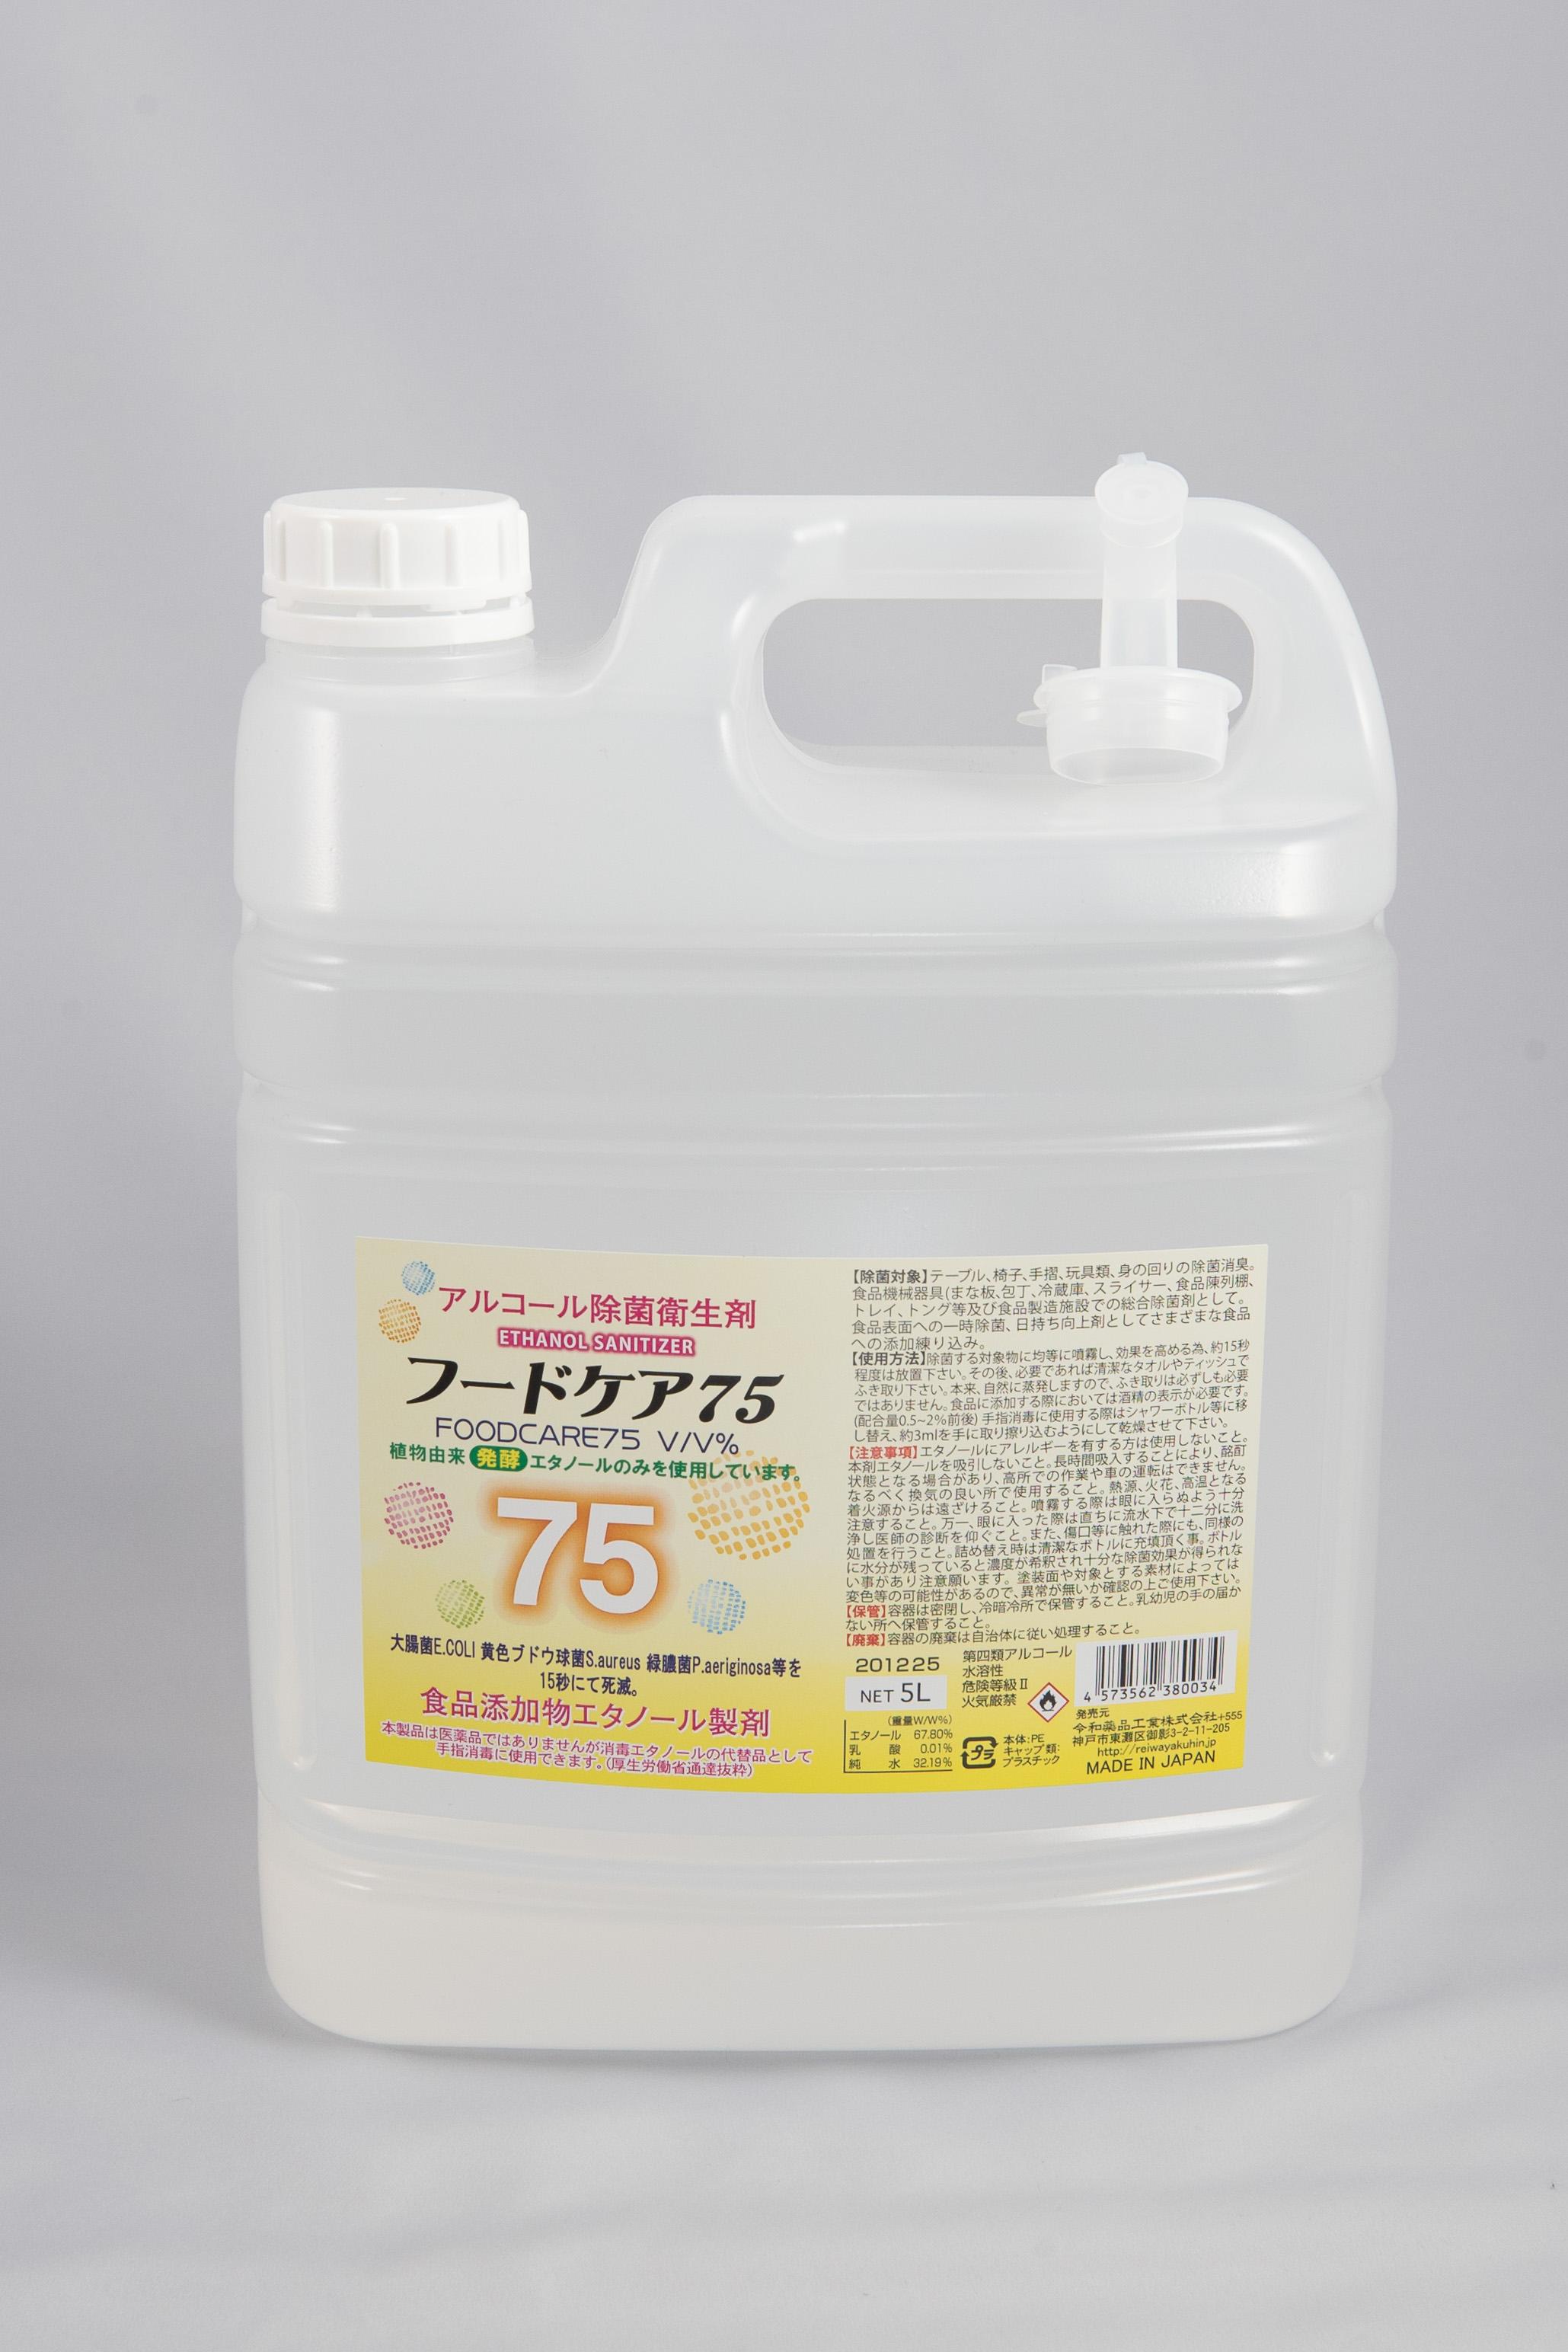 フードケア75 5Lボトル/ ケース:吐き出しノズル付  【消毒エタノール代替品】  エタノール濃度V/V% 75V/V画像